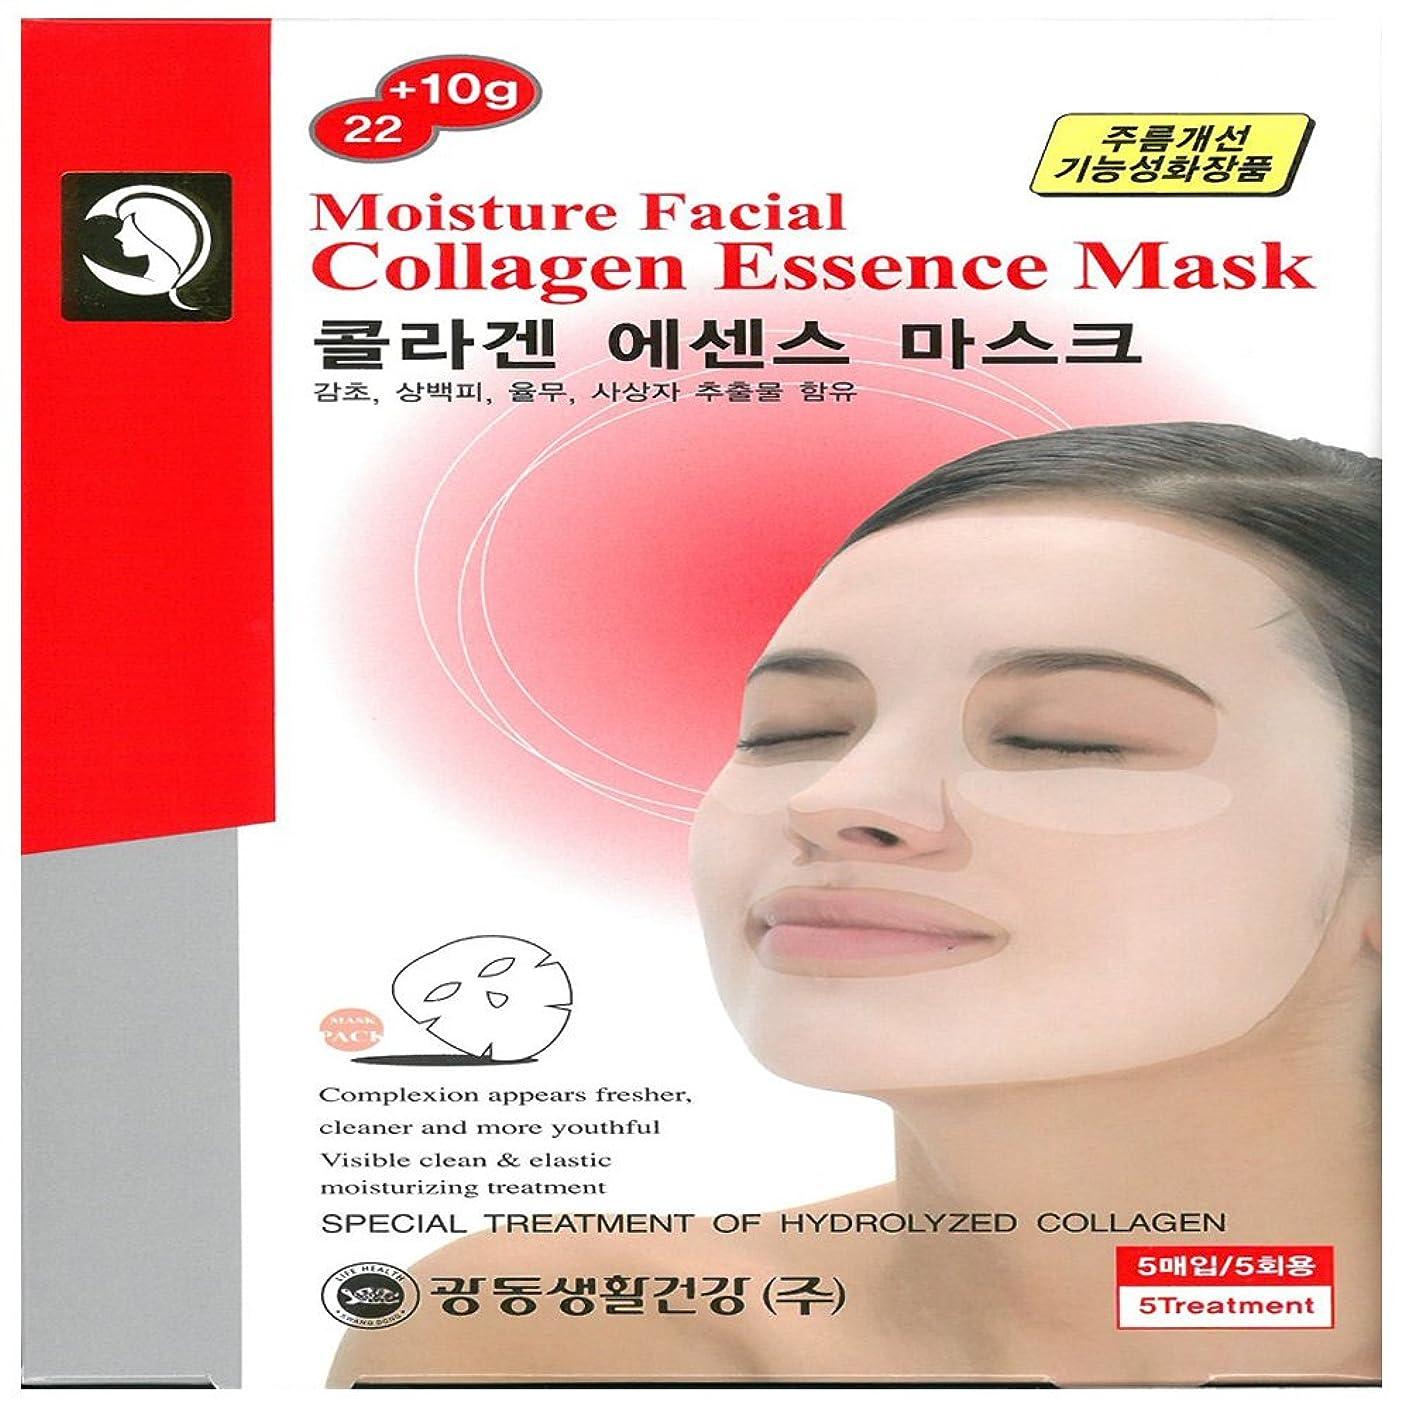 みすぼらしい補体ストレス[光東] kwangdong モイスチャーフェイシャルコラーゲンエッセンスマスク Moisture Facial Collagen Essence Mask 32gX5ea (海外直送品) [並行輸入品]